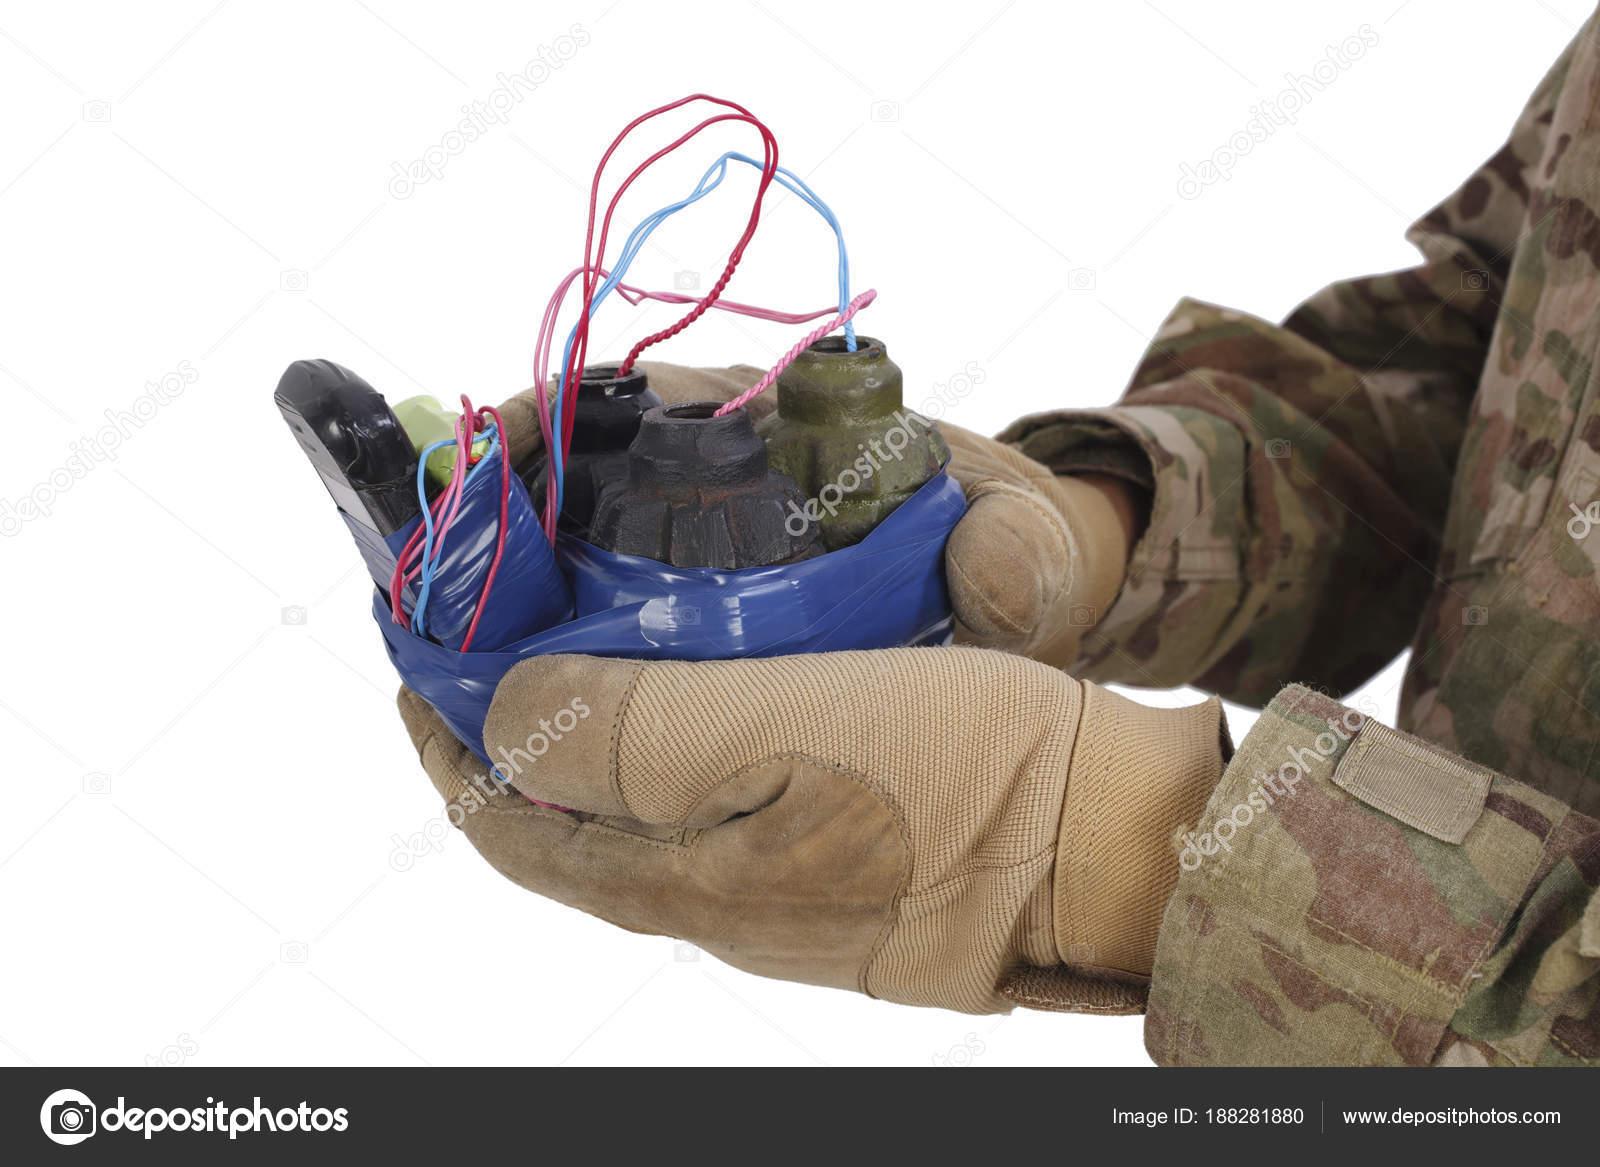 即席爆発装置 (Ied) を手で信管 ...